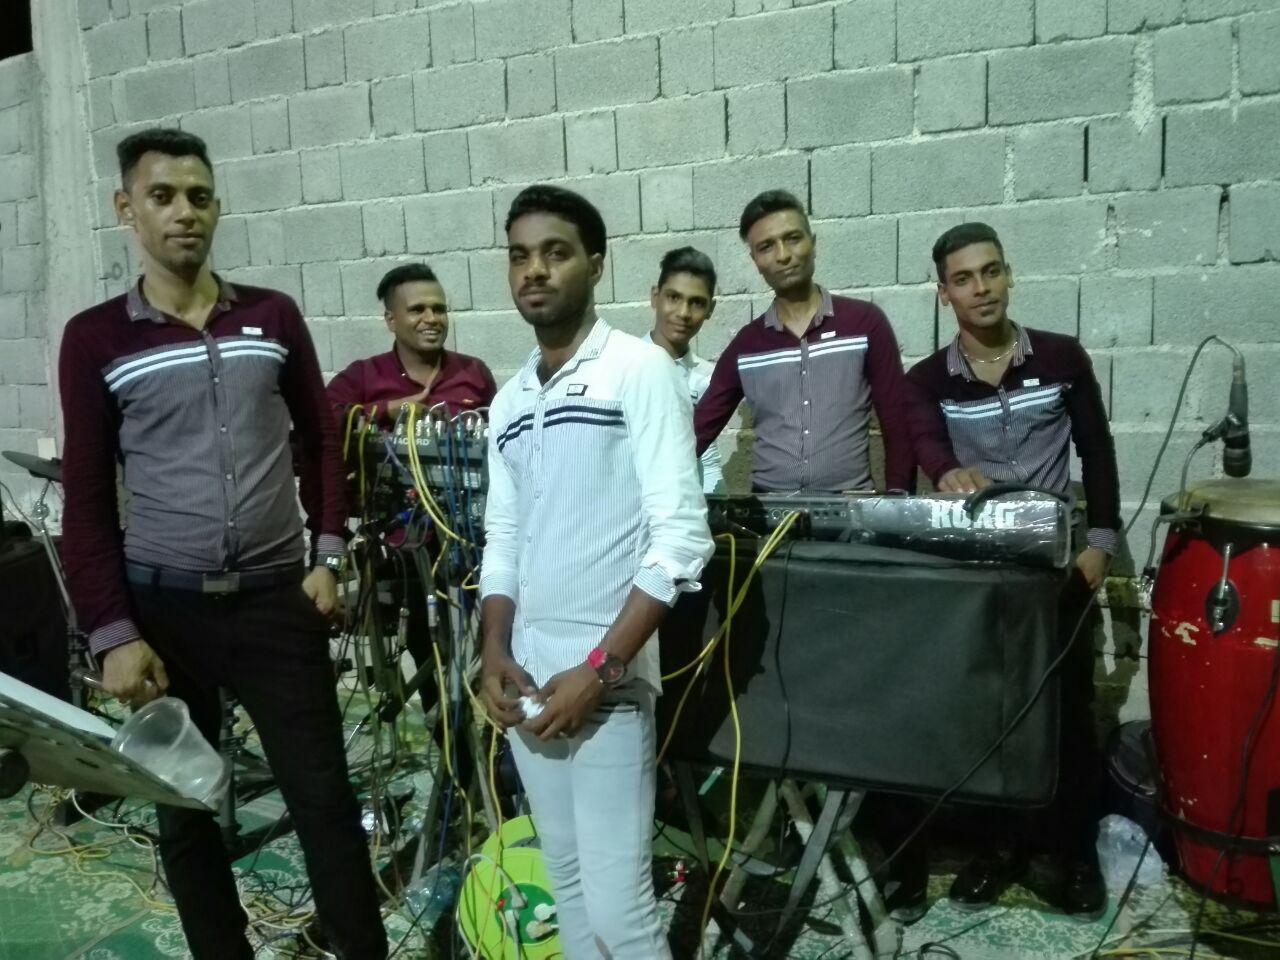 حسن و حسین رحیمی آهنگ جدید اجرای زنده و بسیار زیبا و شنیدنی  بصورت حفله